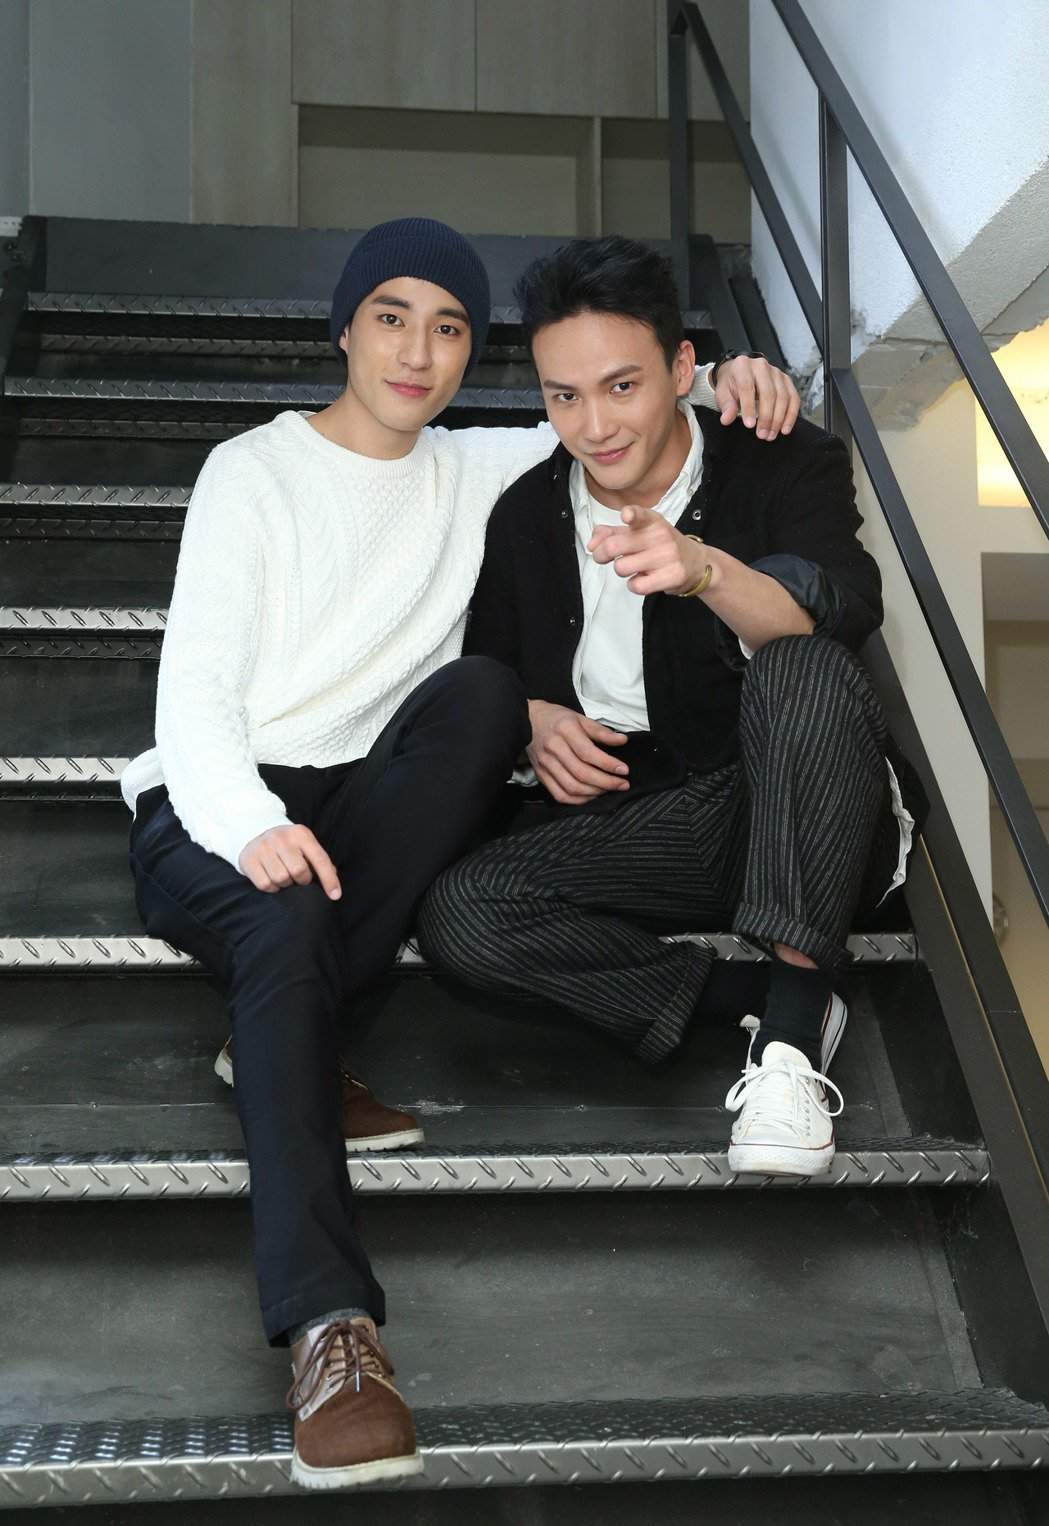 「天黑請閉眼」演員曹晏豪(右)與徐鈞浩接受本報專訪。記者陳瑞源/攝影